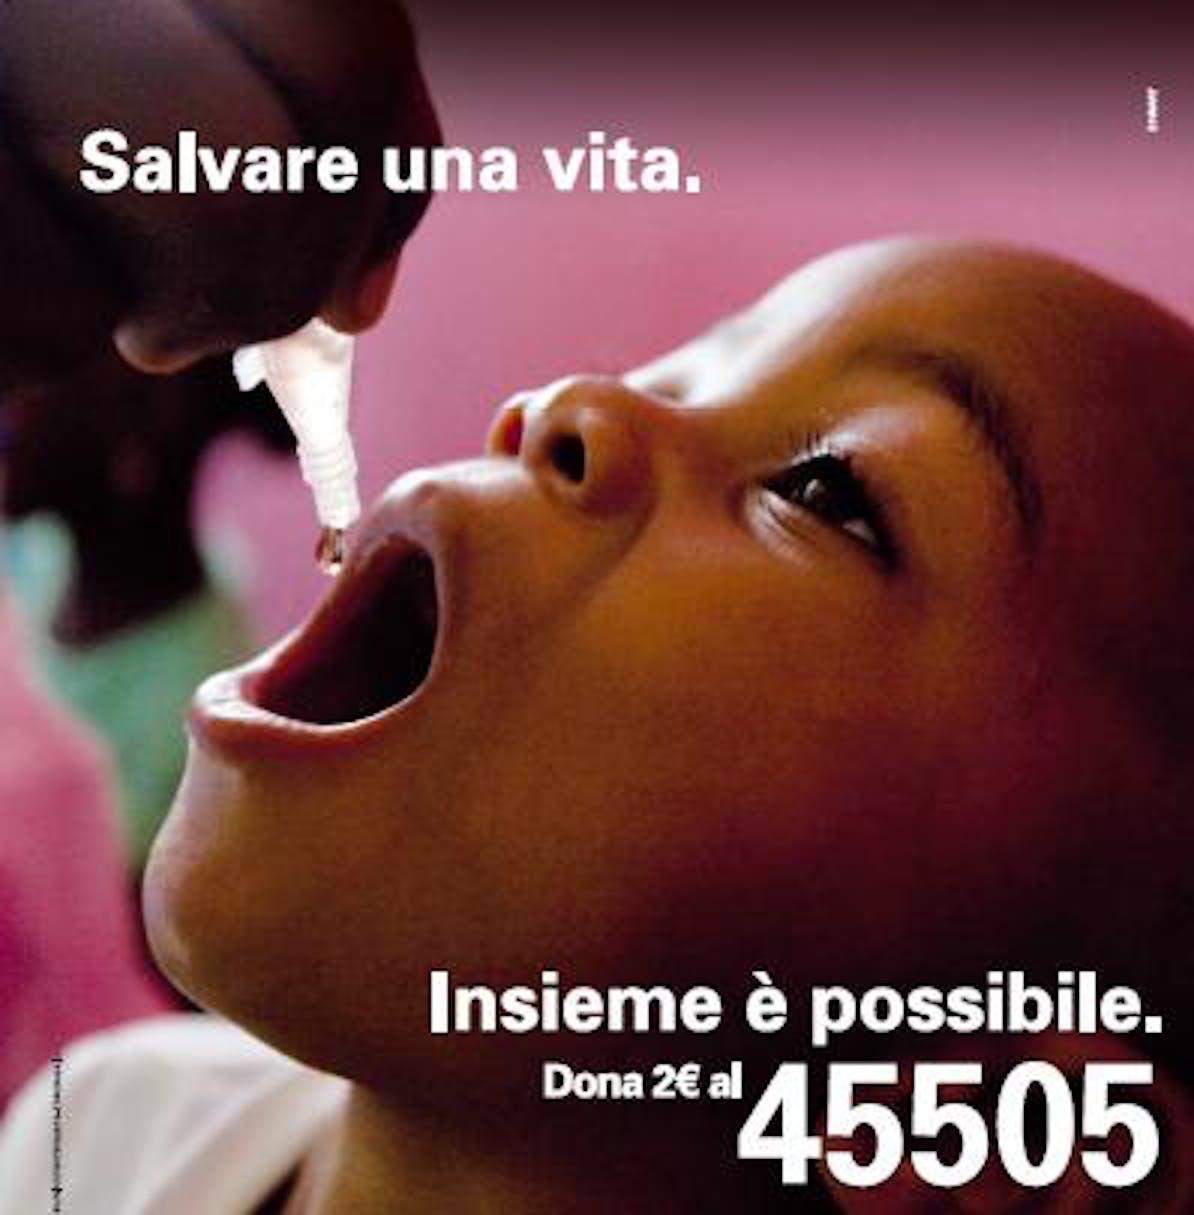 Dal 7 al 28 Maggio dona 2 euro con SMS al 45505 www.unicef.it/vogliamozero